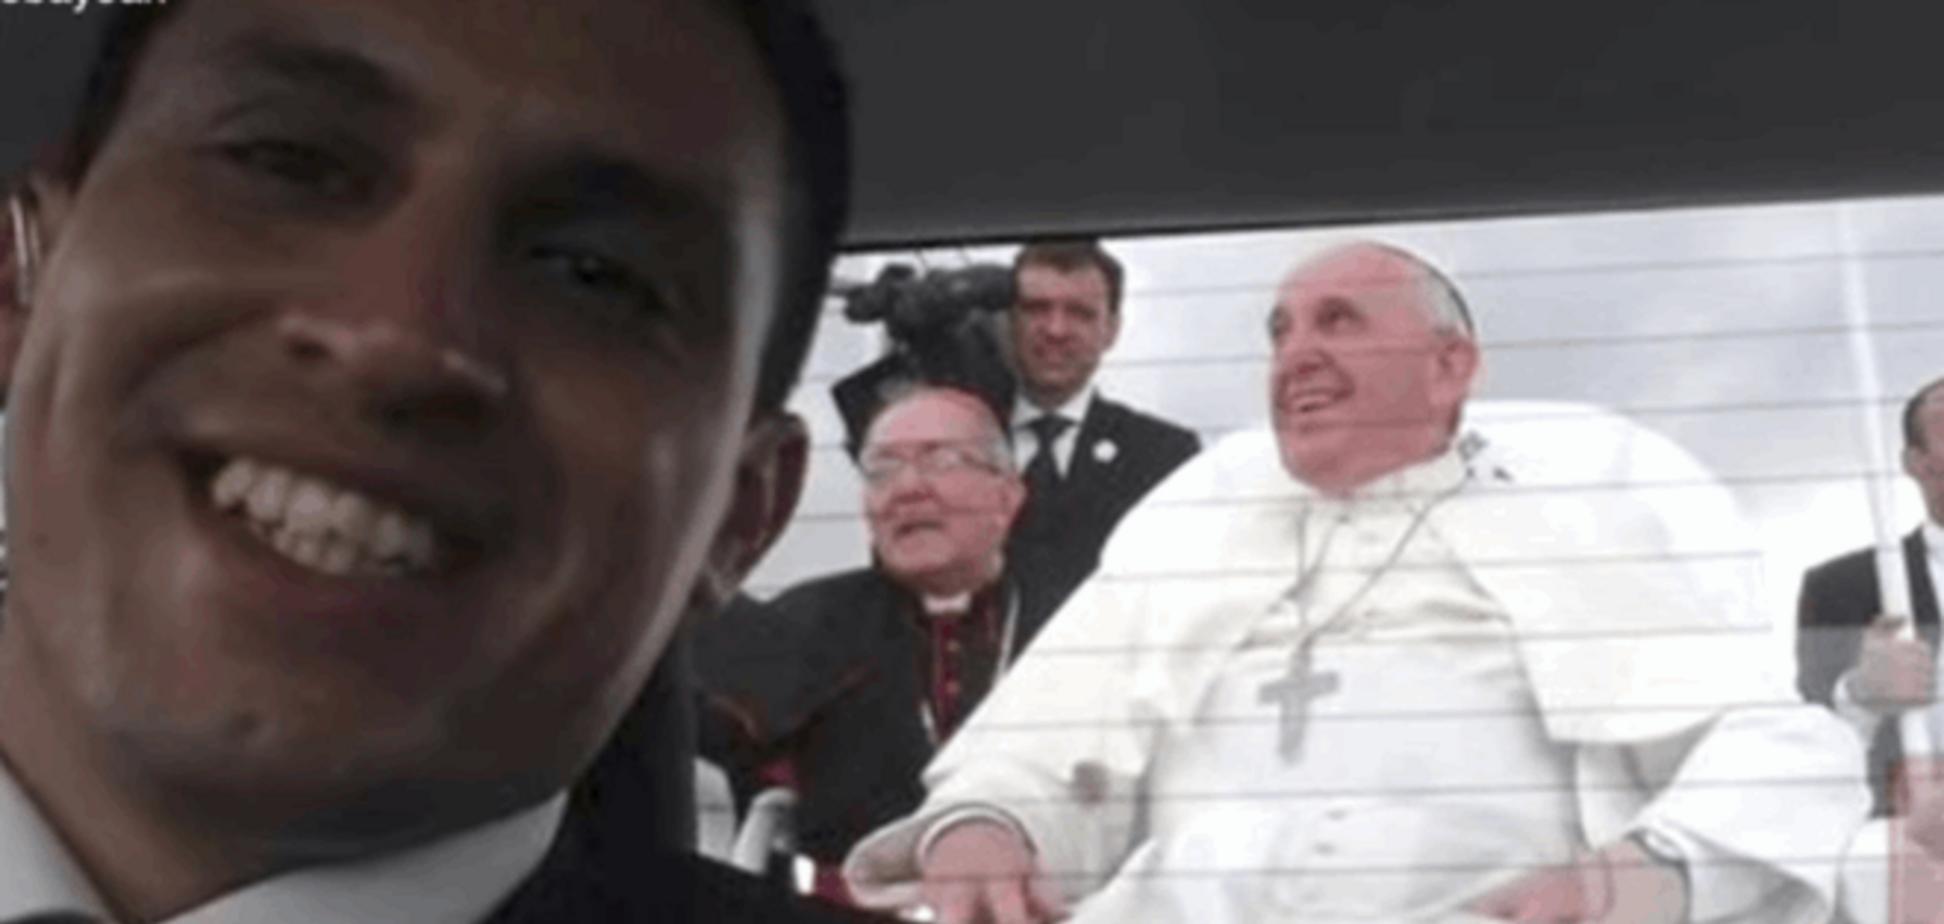 'Тепер я - зірка': водій Папи Римського прославився після селфі із Франциском